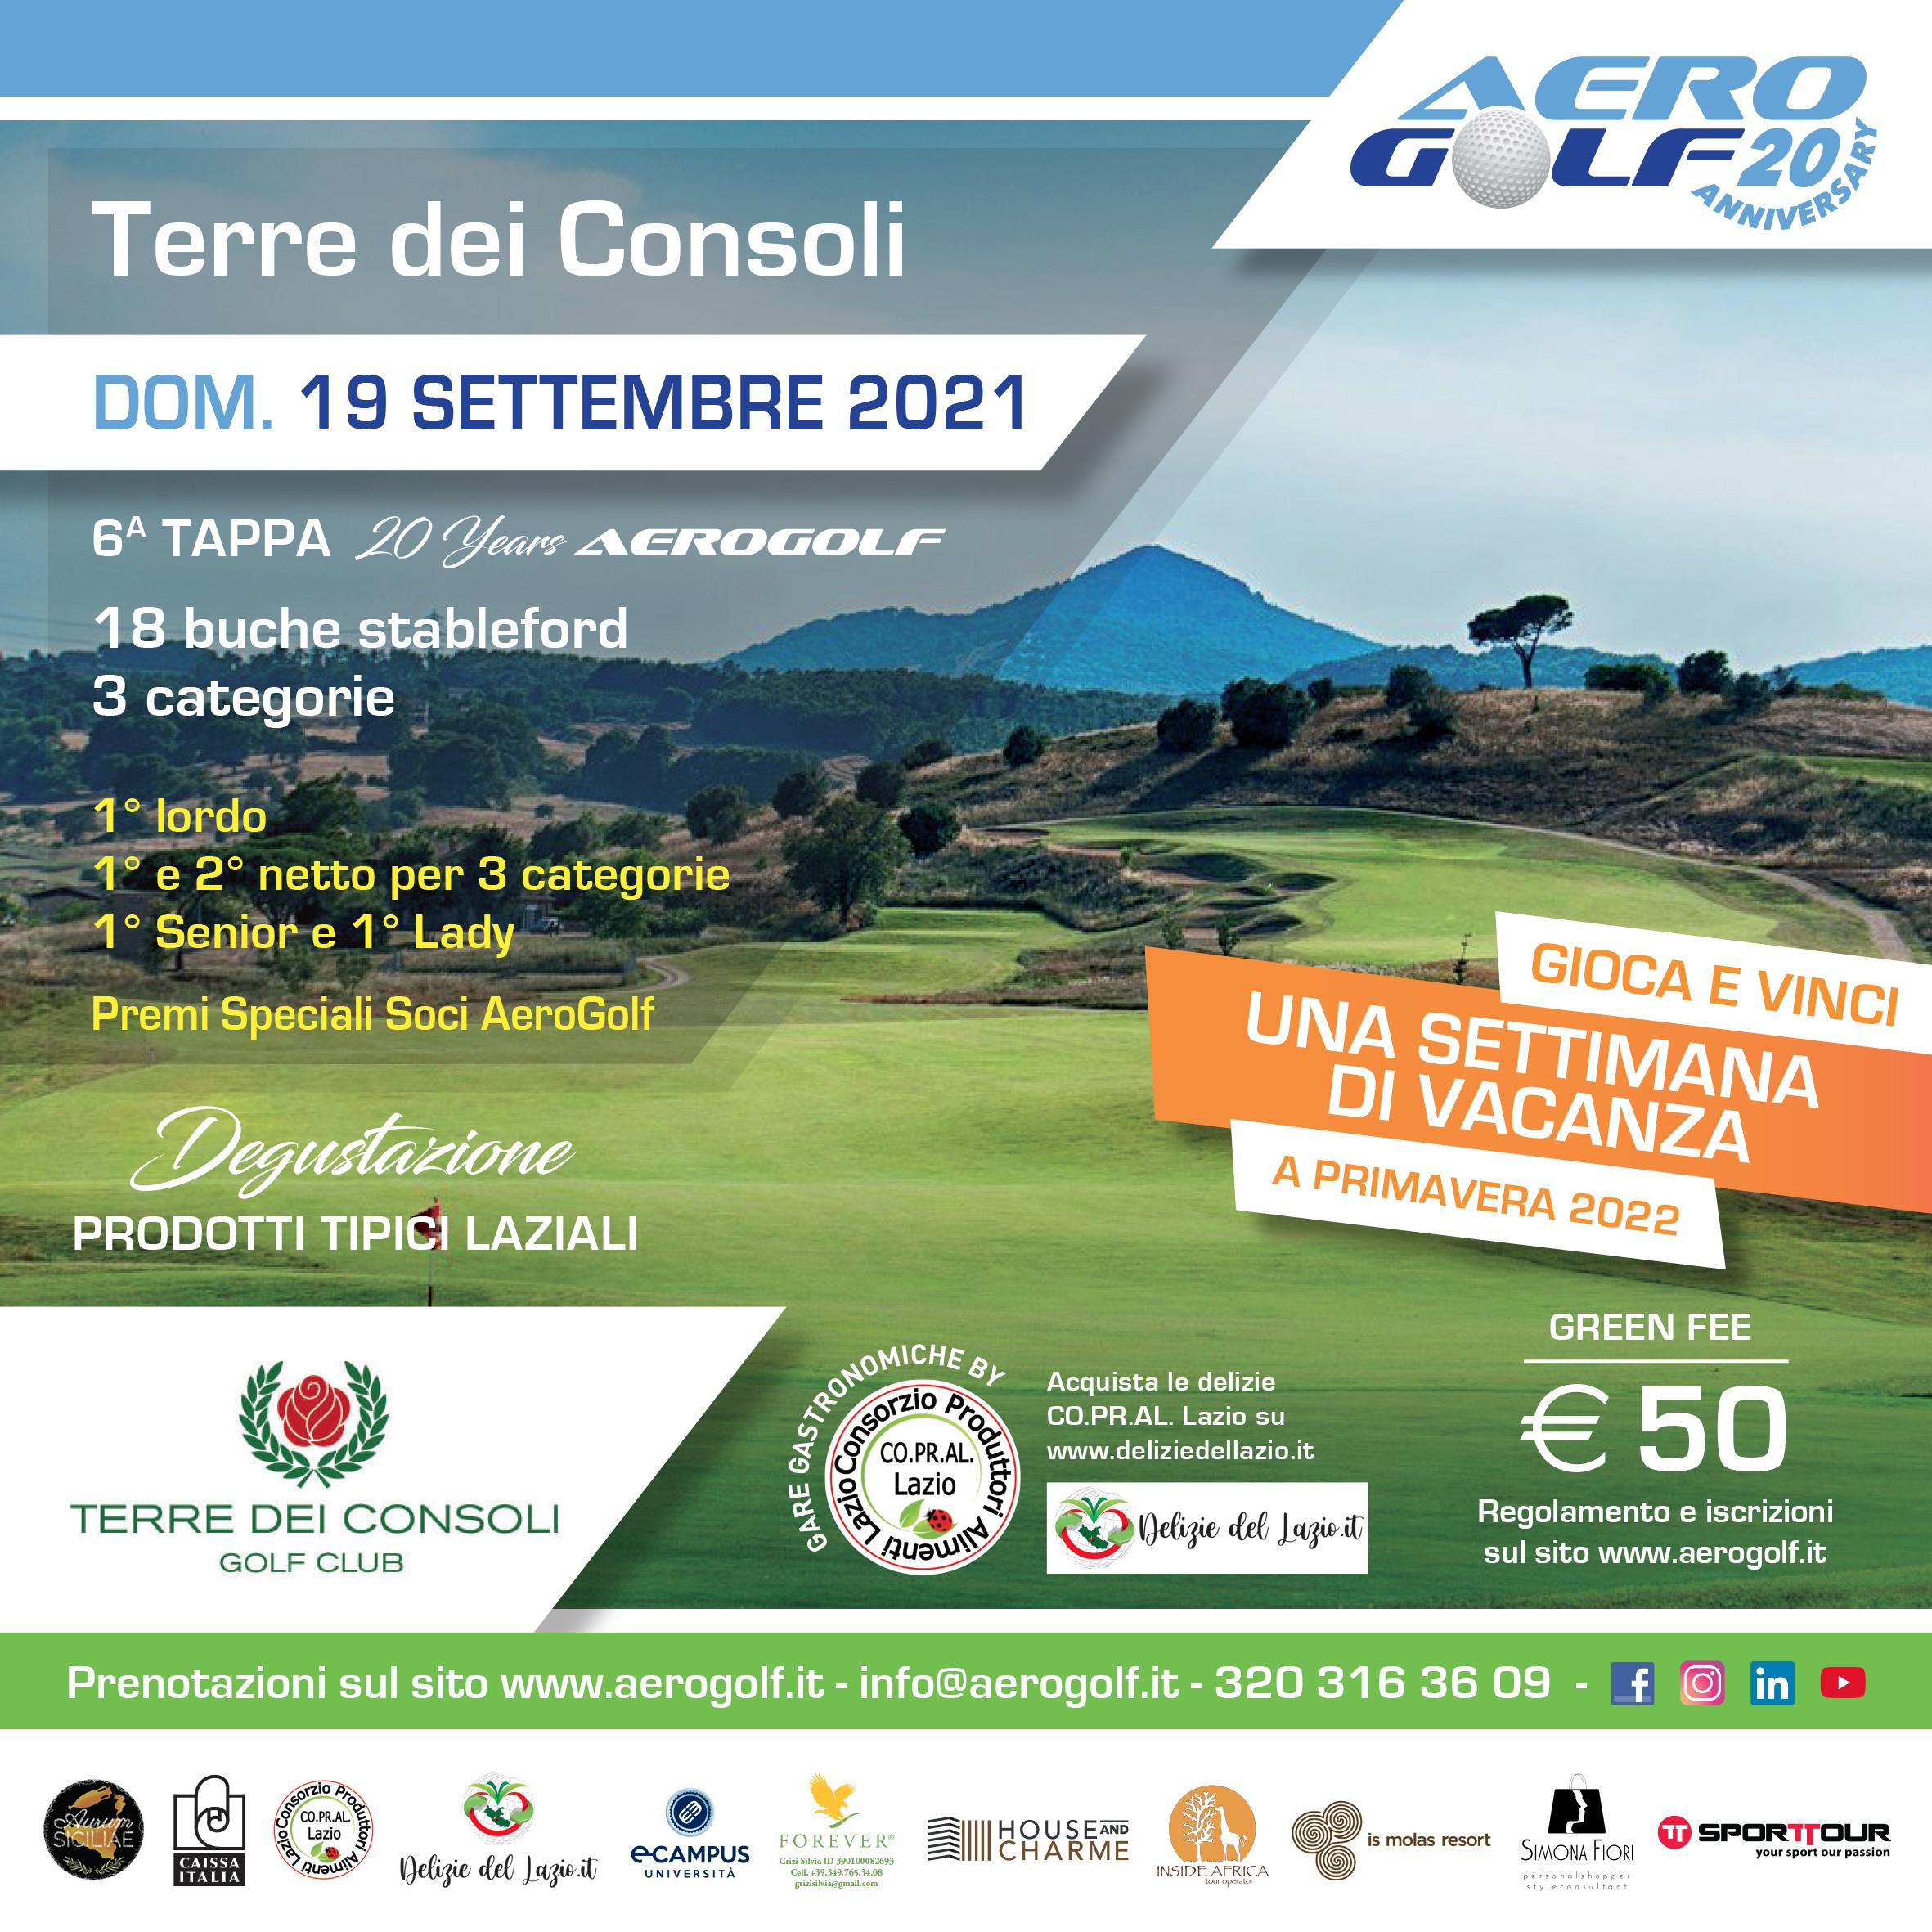 locandina_terre-dei-consoli_19-09